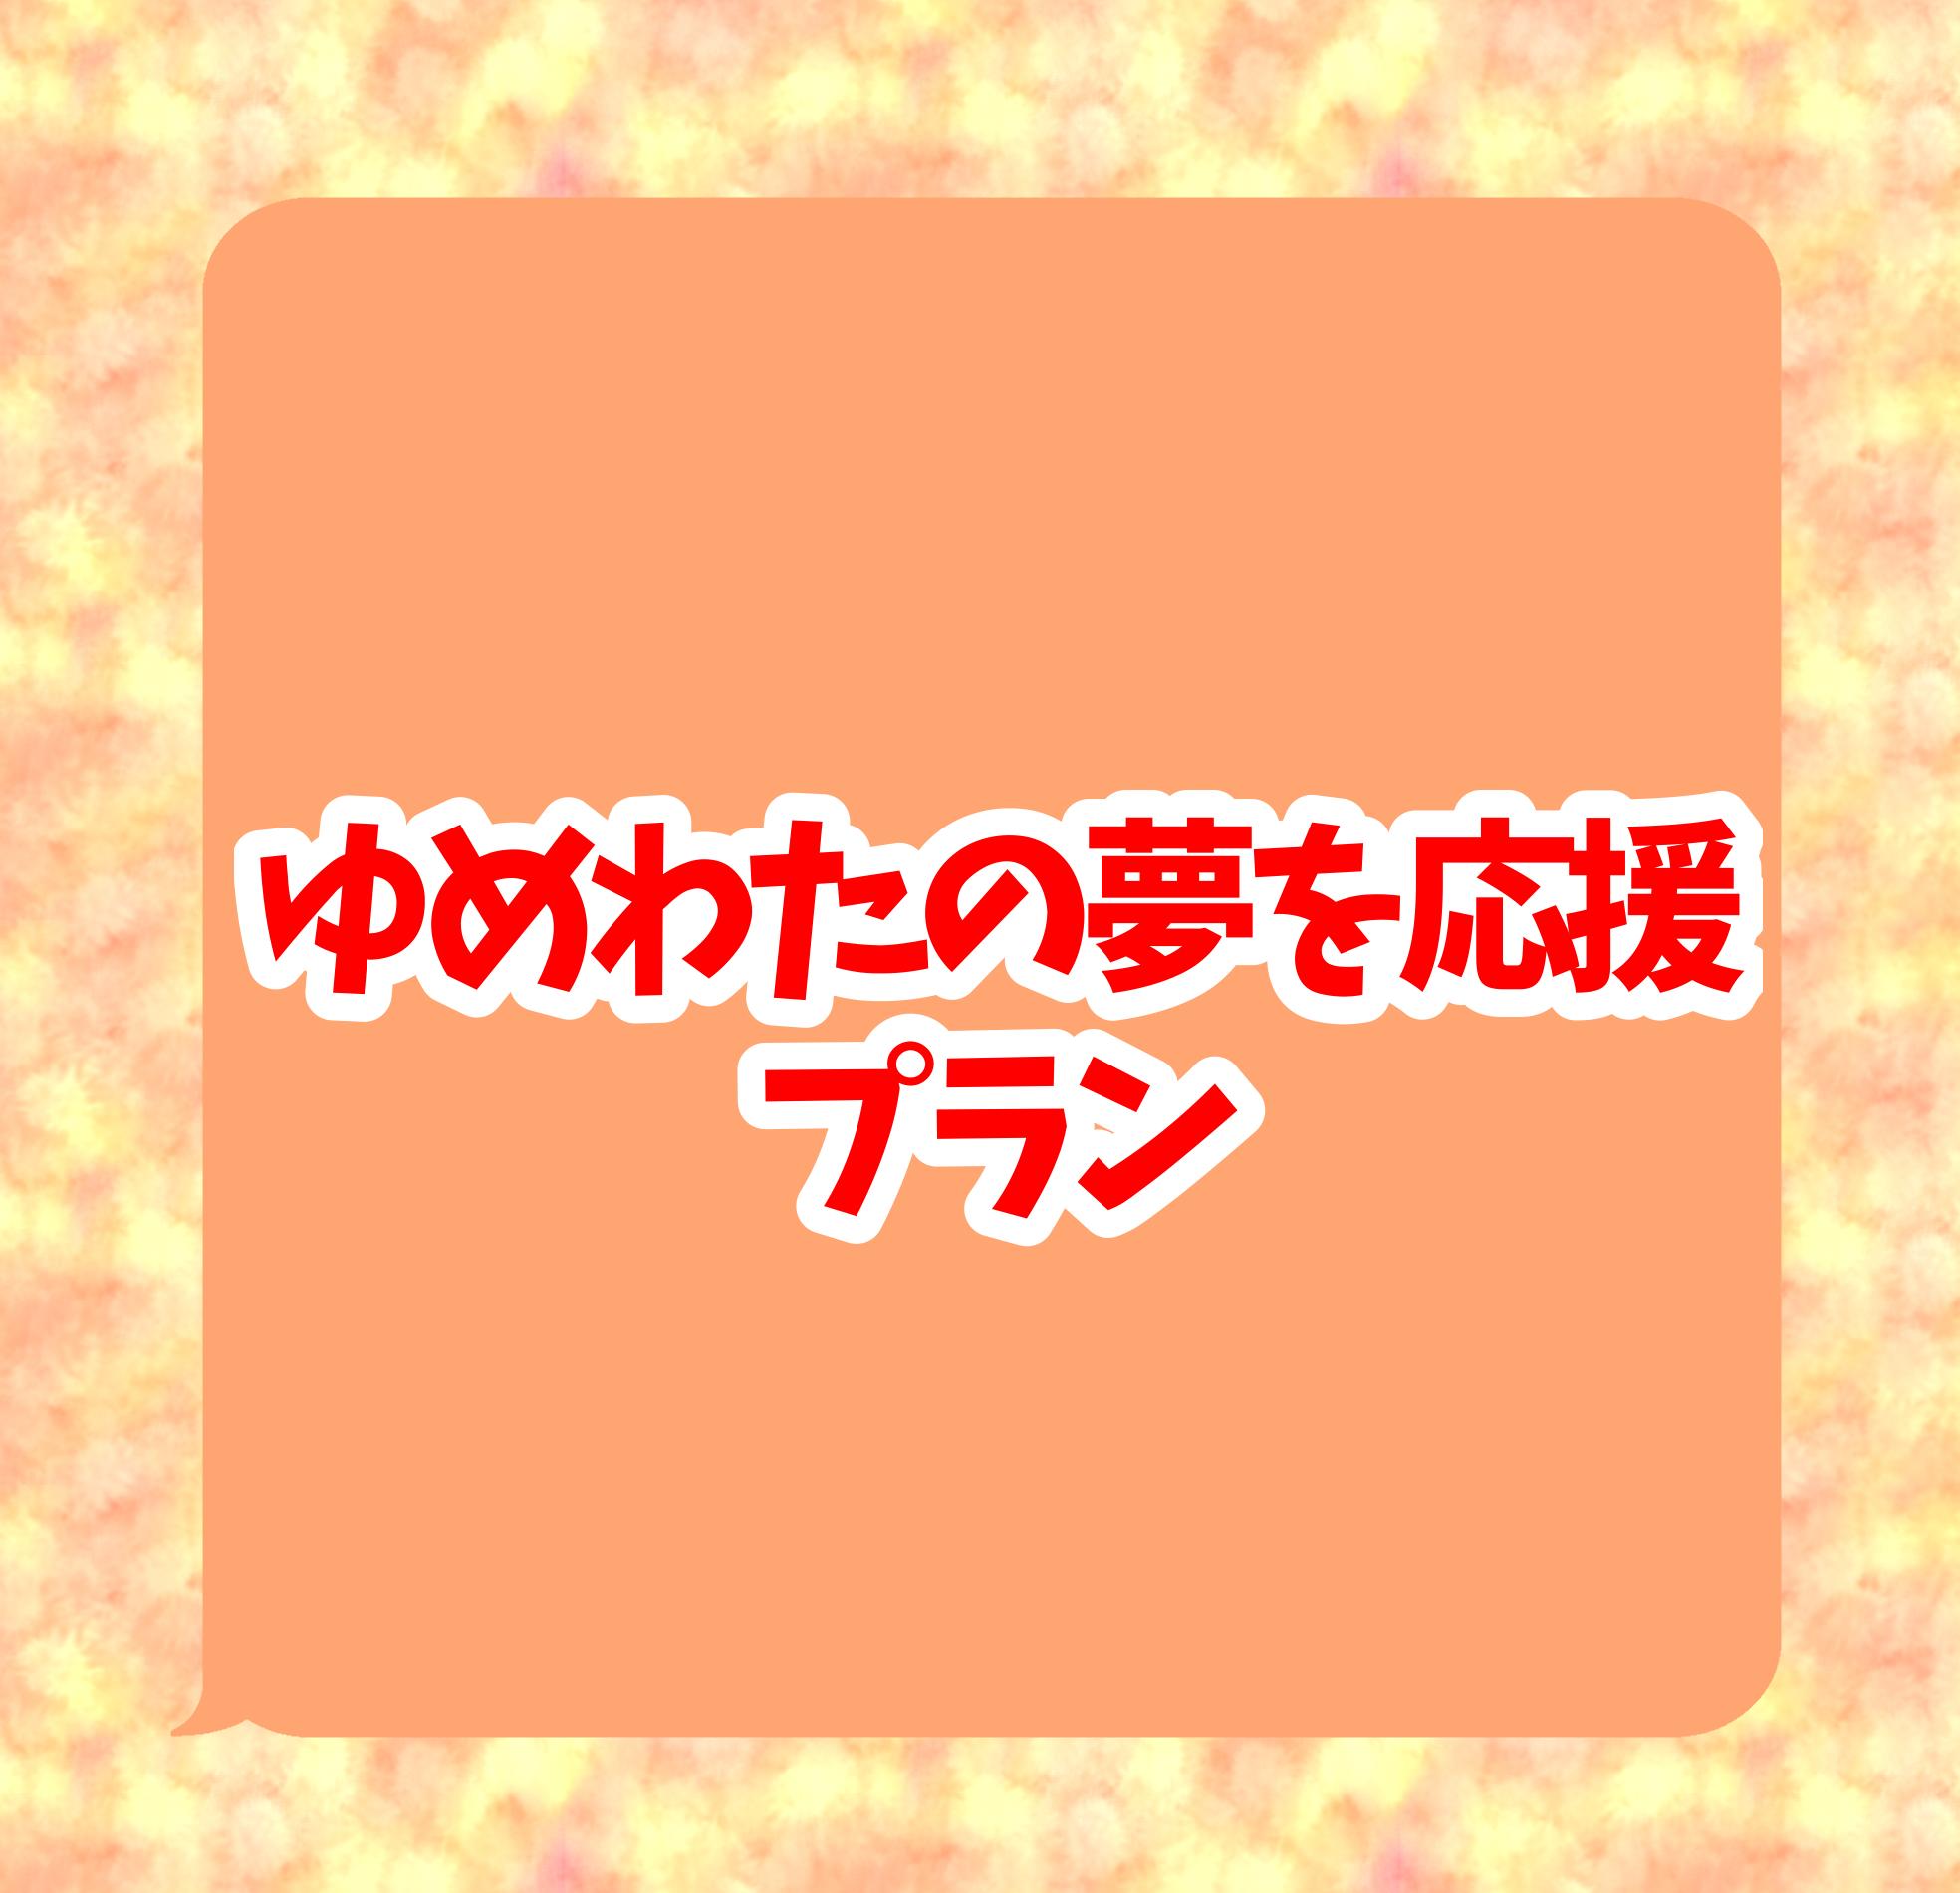 <ゆめのわたしの夢を応援プラン>